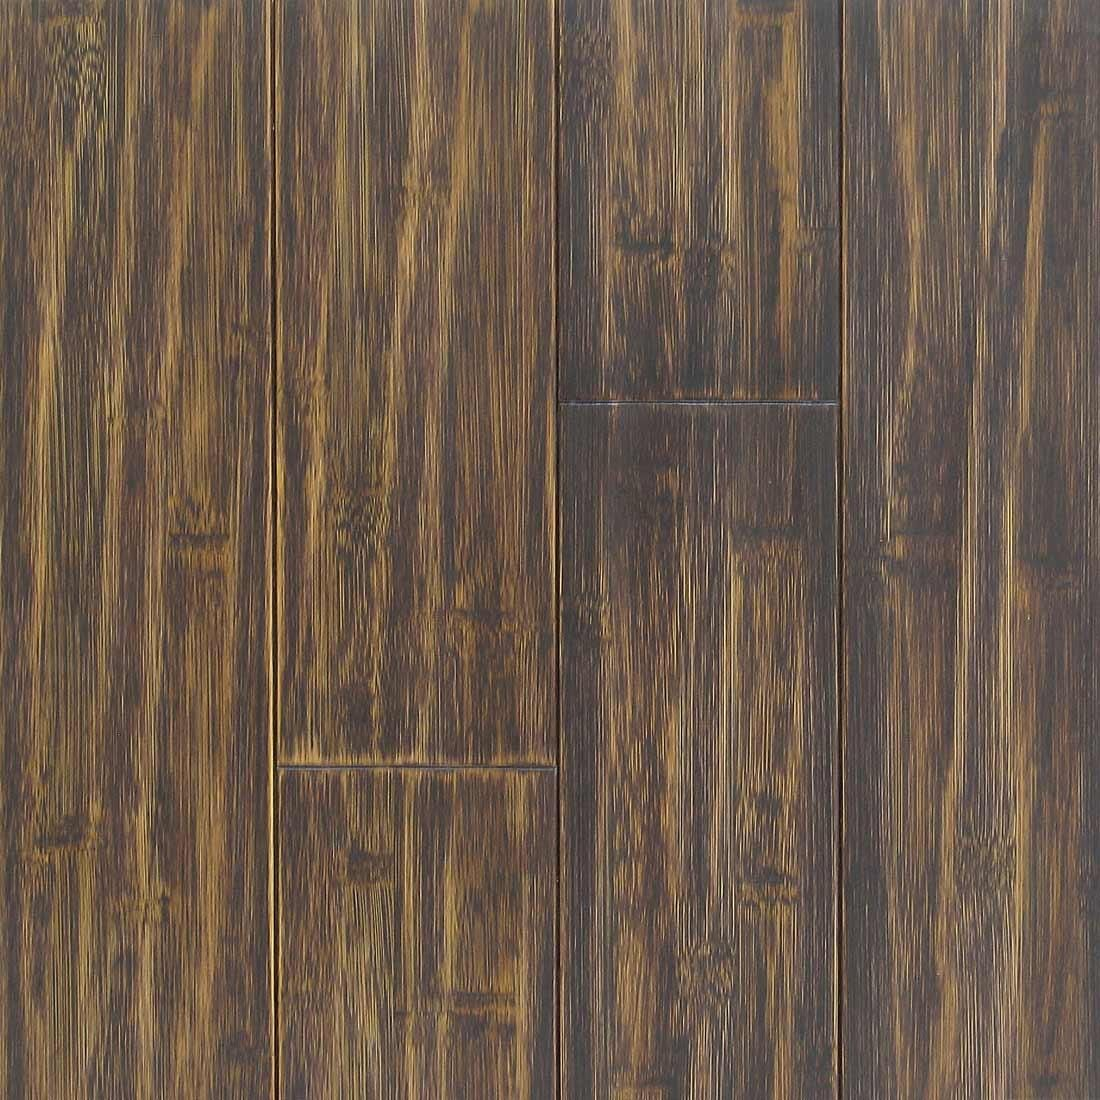 Black Distressed Bamboo Flooring Looks